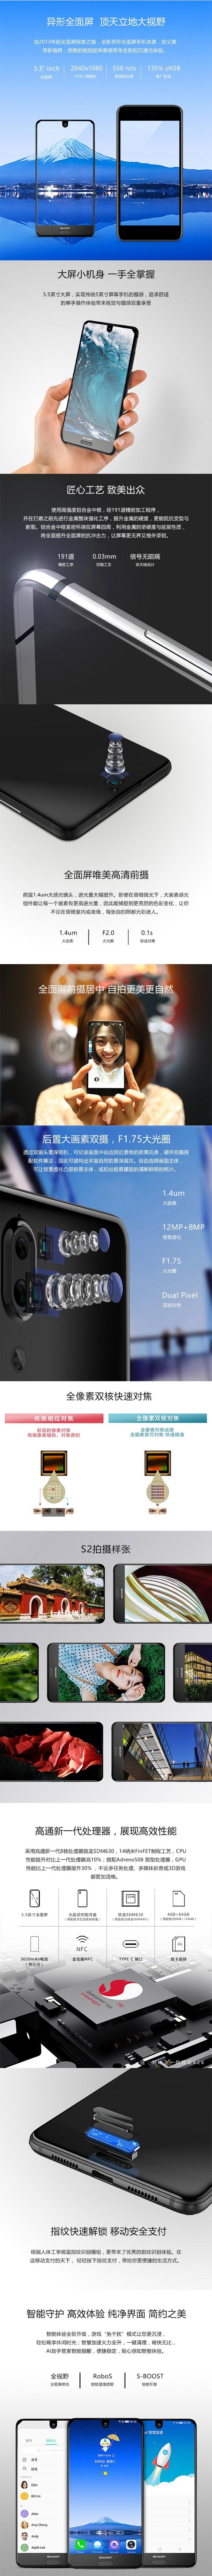 骇科技丨夏普AQUOS S2正式发布:首发高通骁龙630+售价2499元起